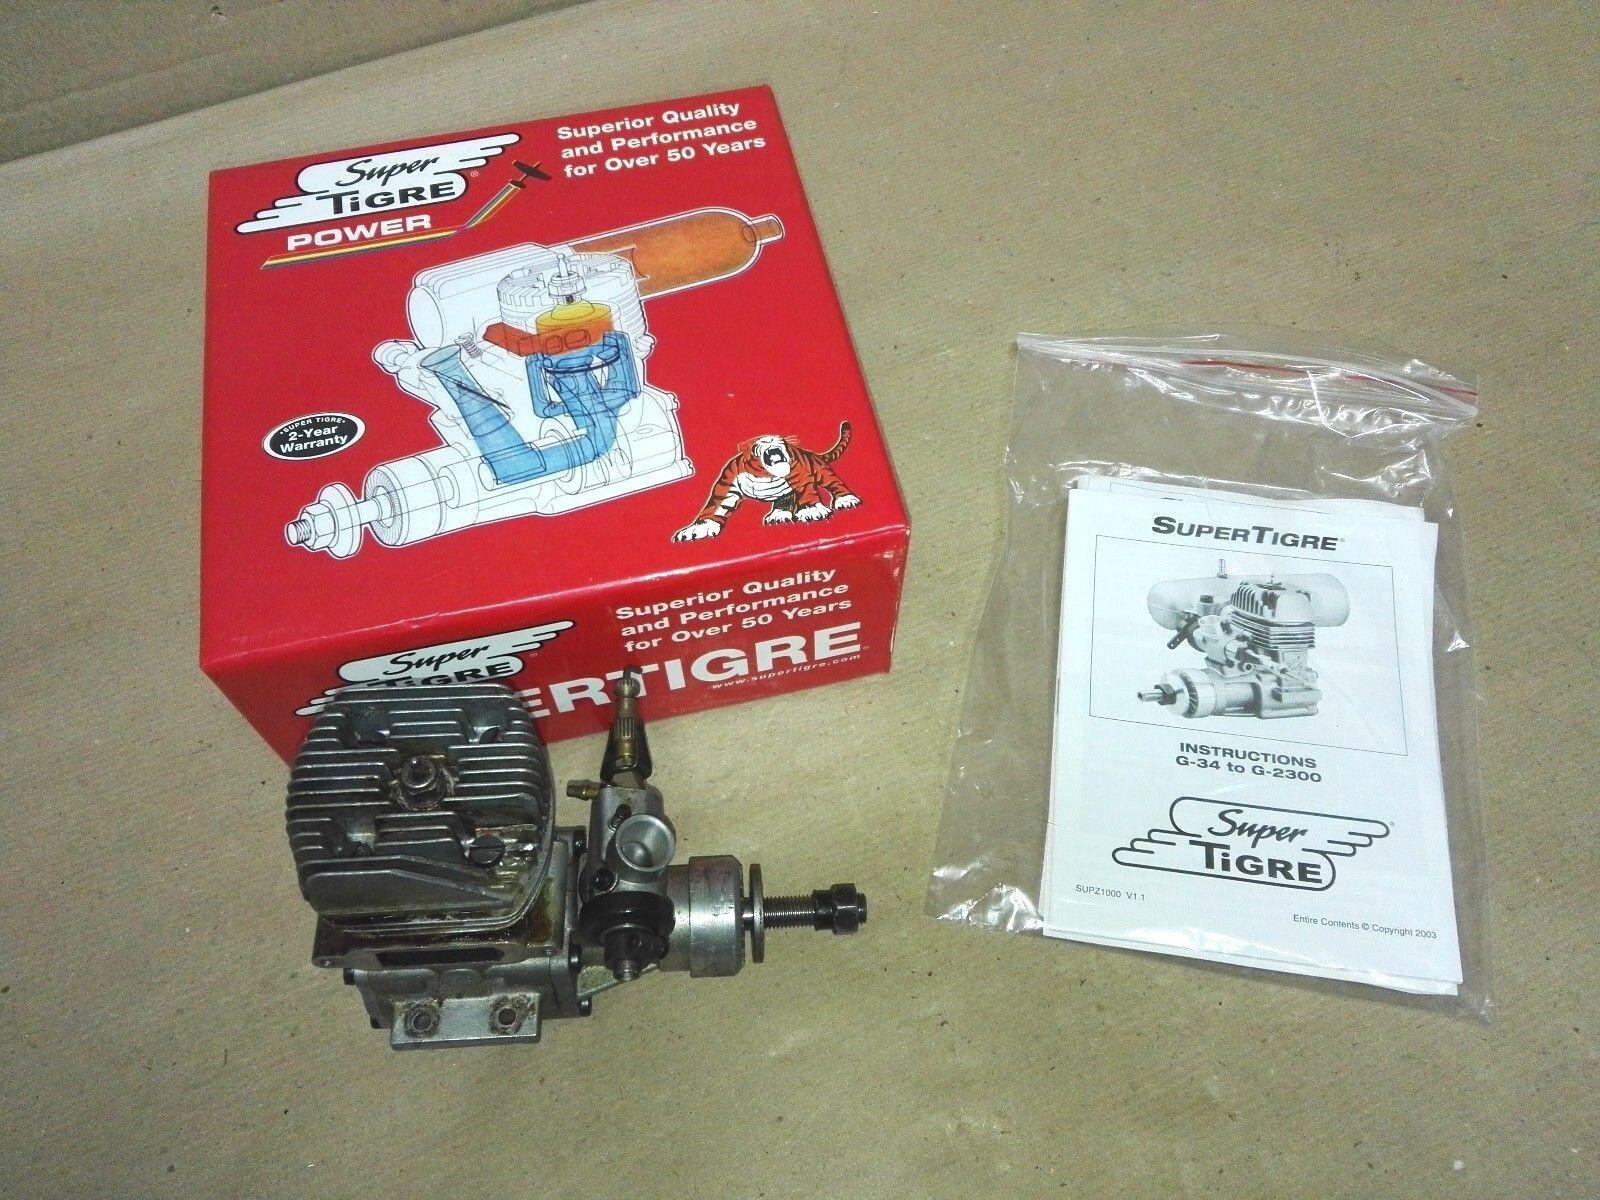 ENGINE MOTORE AVIO SUPERTIGRE GS45 ABC RC  SUPG0150  prezzi bassissimi